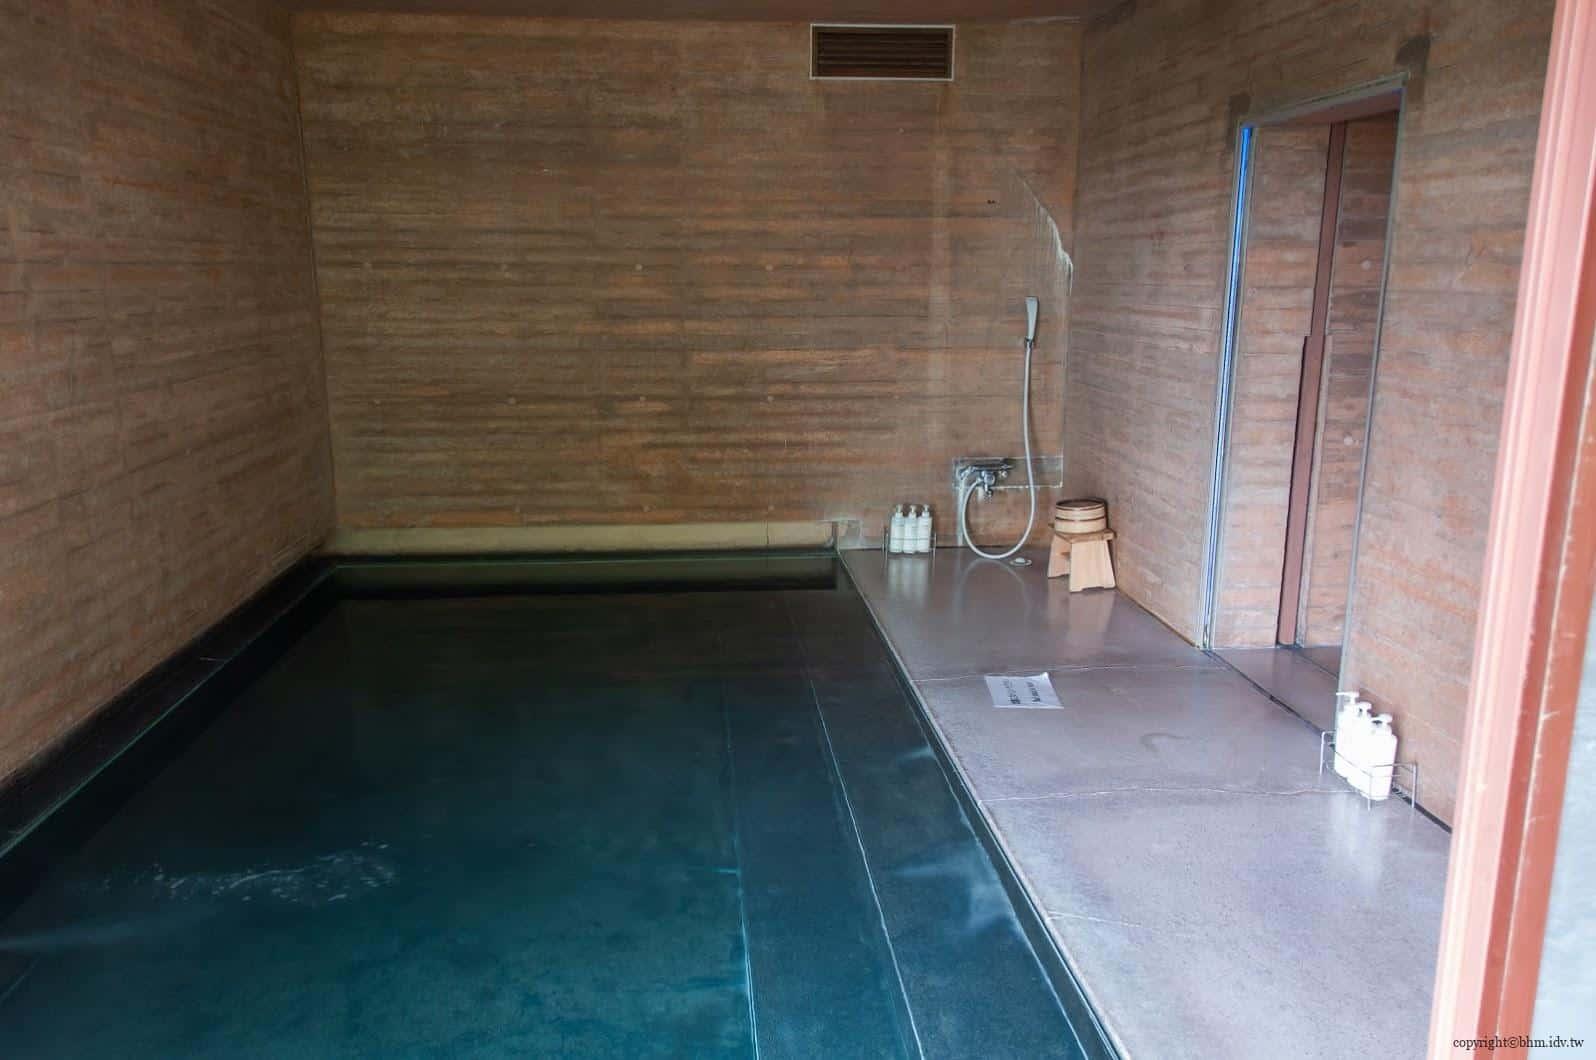 詹姆斯‧特瑞爾,光之館,作品「Light Bath」,浴缸和出入口的各個地方都可以看到光線,泡澡時可以和這夢幻的作品合為一體;限住宿客人體驗 越後妻有 光之館 house of light 04